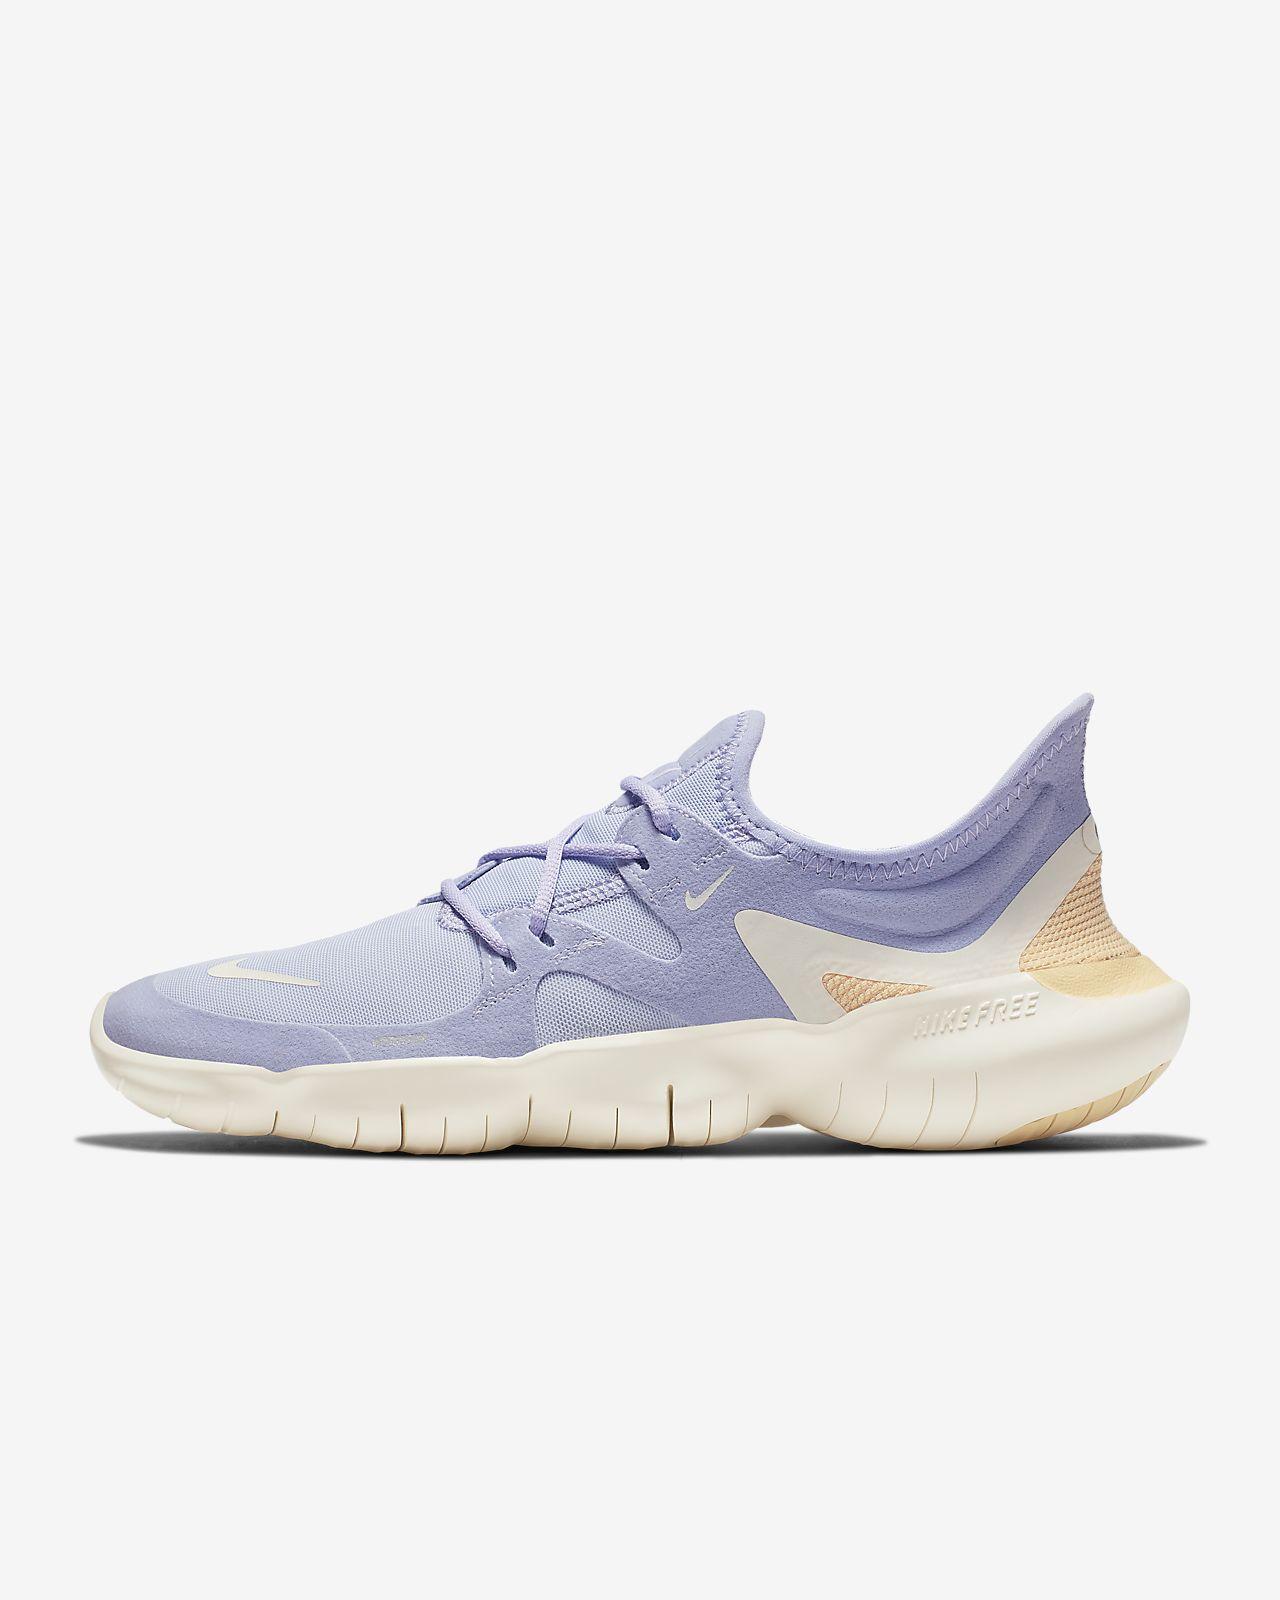 642131d817 Nike Free RN 5.0 Women's Running Shoe